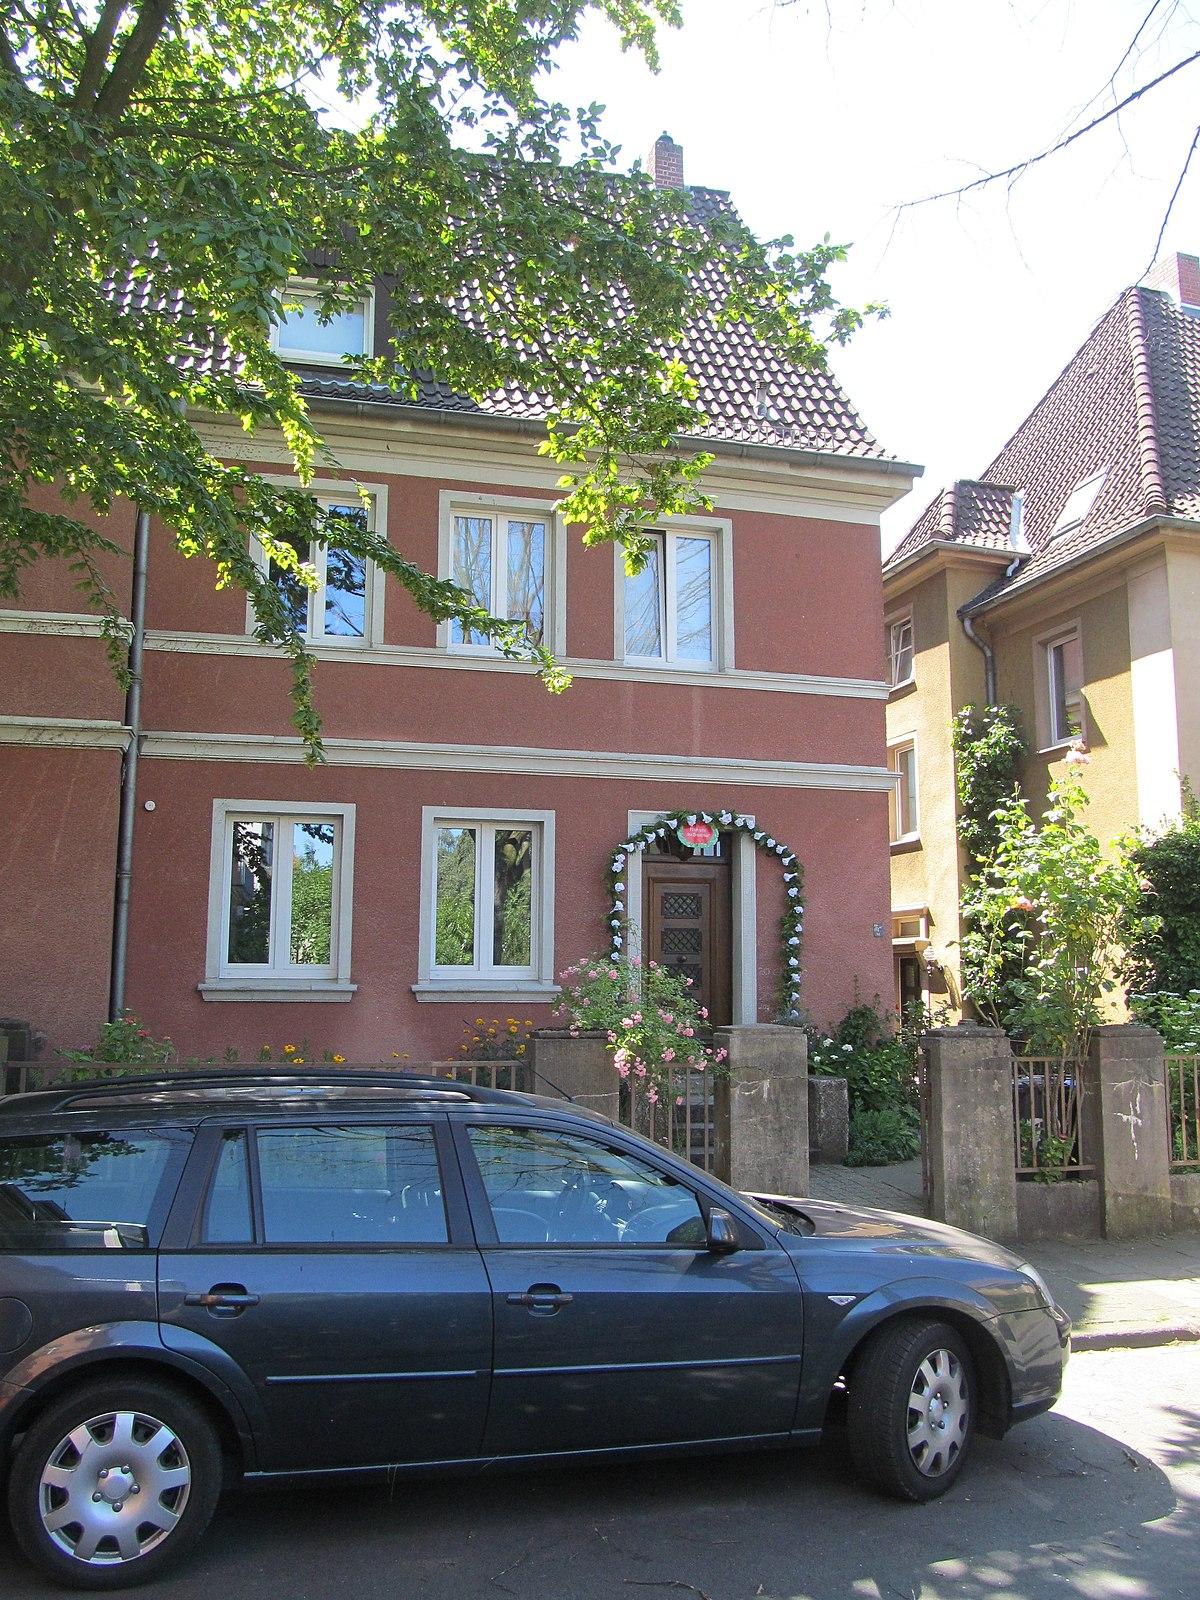 File:Görresstraße 3a, 1, Mitte, Münster.jpg - Wikimedia